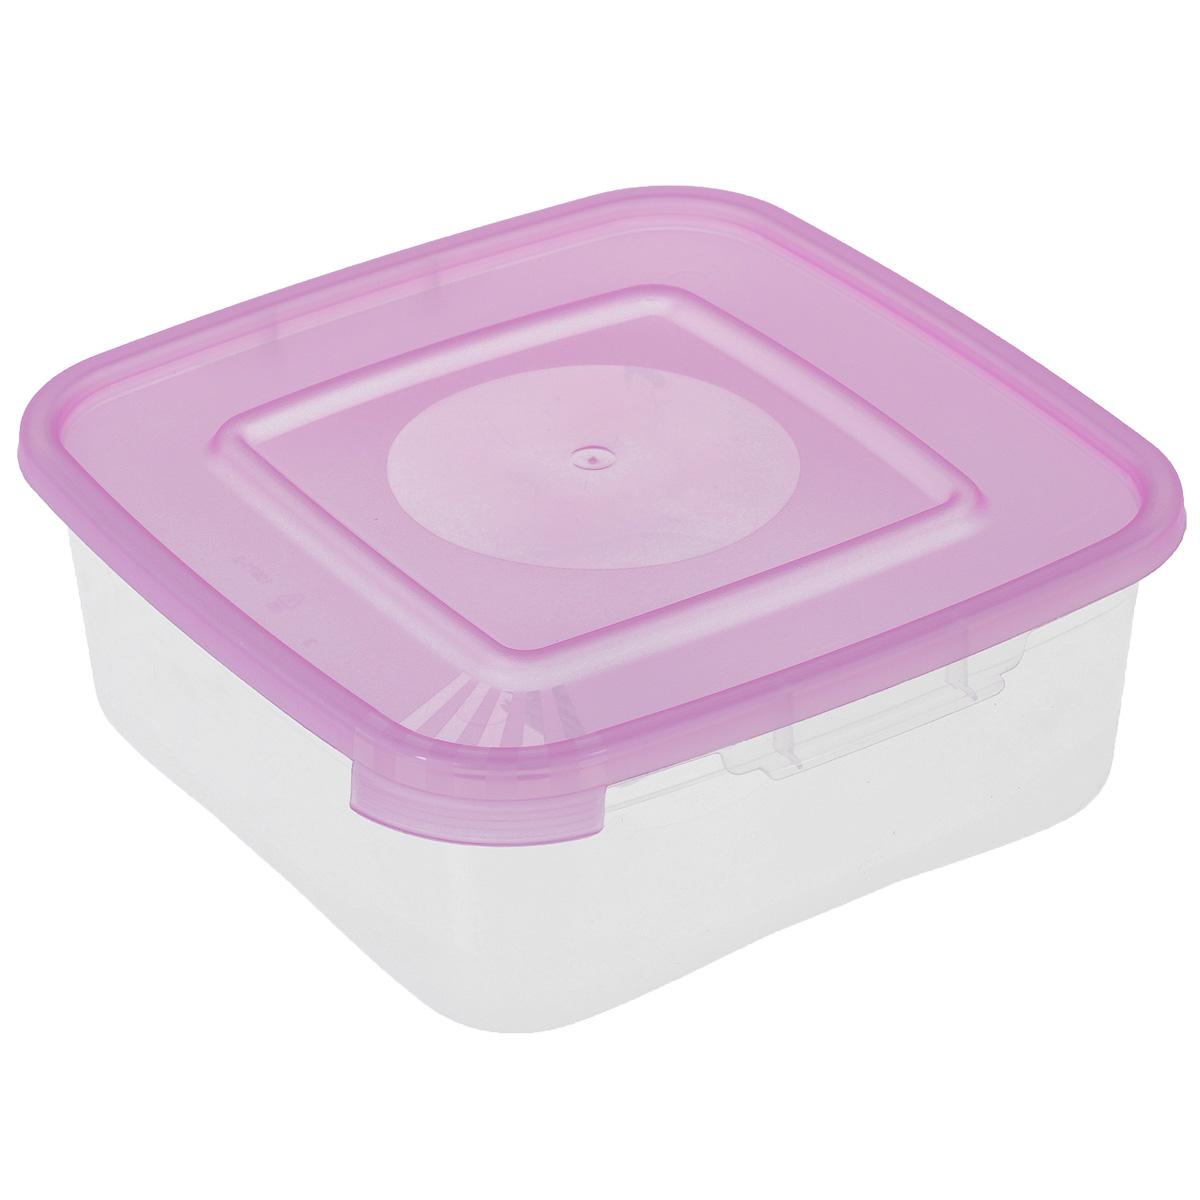 Контейнер Полимербыт Каскад, цвет: розовый, 700 мл03872-084-66Контейнер Полимербыт Каскад квадратной формы, изготовленный из прочного пластика, предназначен специально для хранения пищевых продуктов. Крышка легко открывается и плотно закрывается.Прозрачные стенки позволяют видеть содержимое.Контейнер устойчив к воздействию масел и жиров, легко моется. Контейнер имеет возможность хранения продуктов глубокой заморозки, обладает высокой прочностью.Можно мыть в посудомоечной машине. Подходит для использования в микроволновых печах.